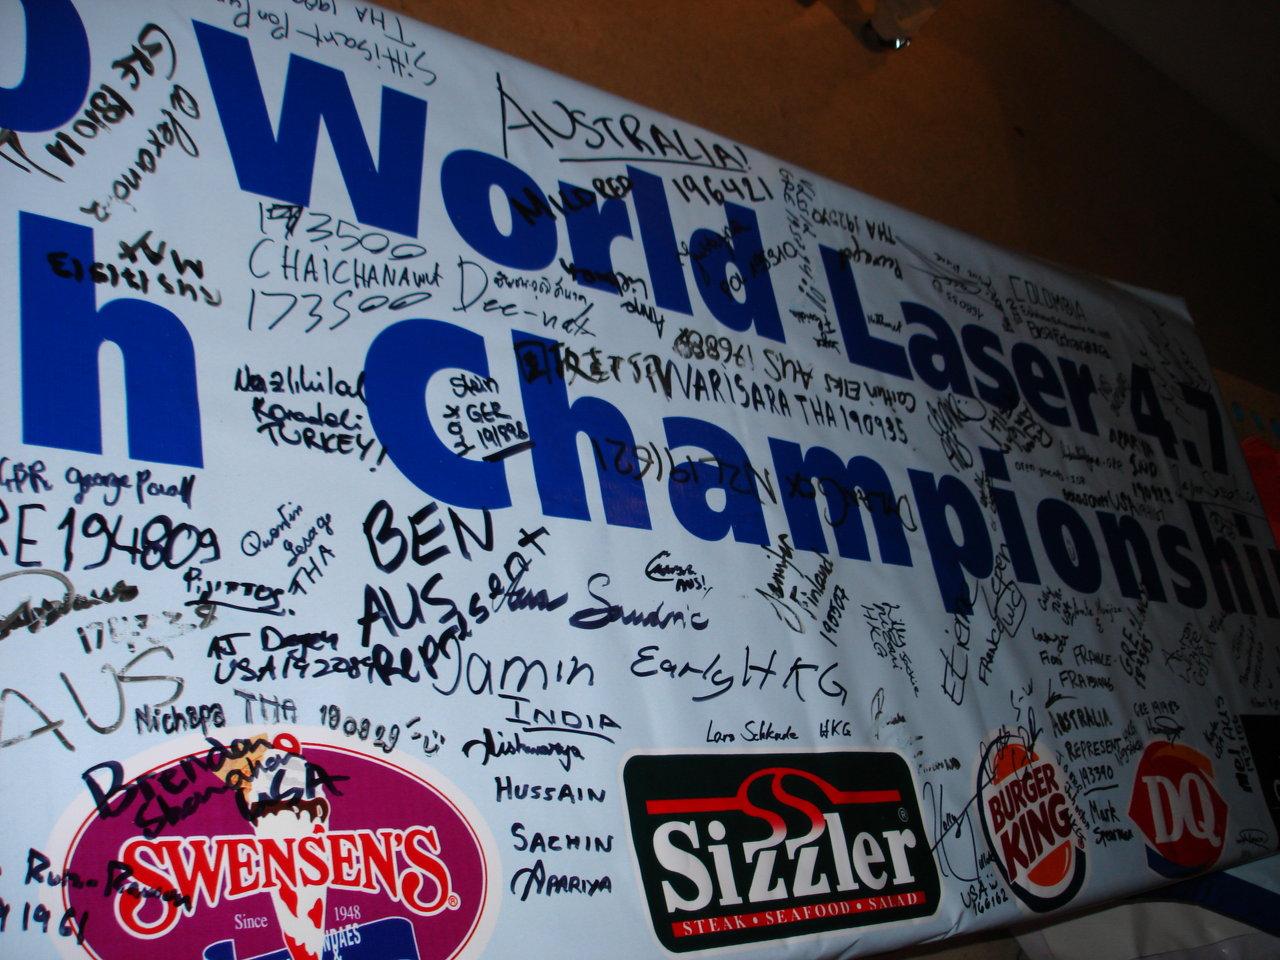 Laser 4.7 worlds